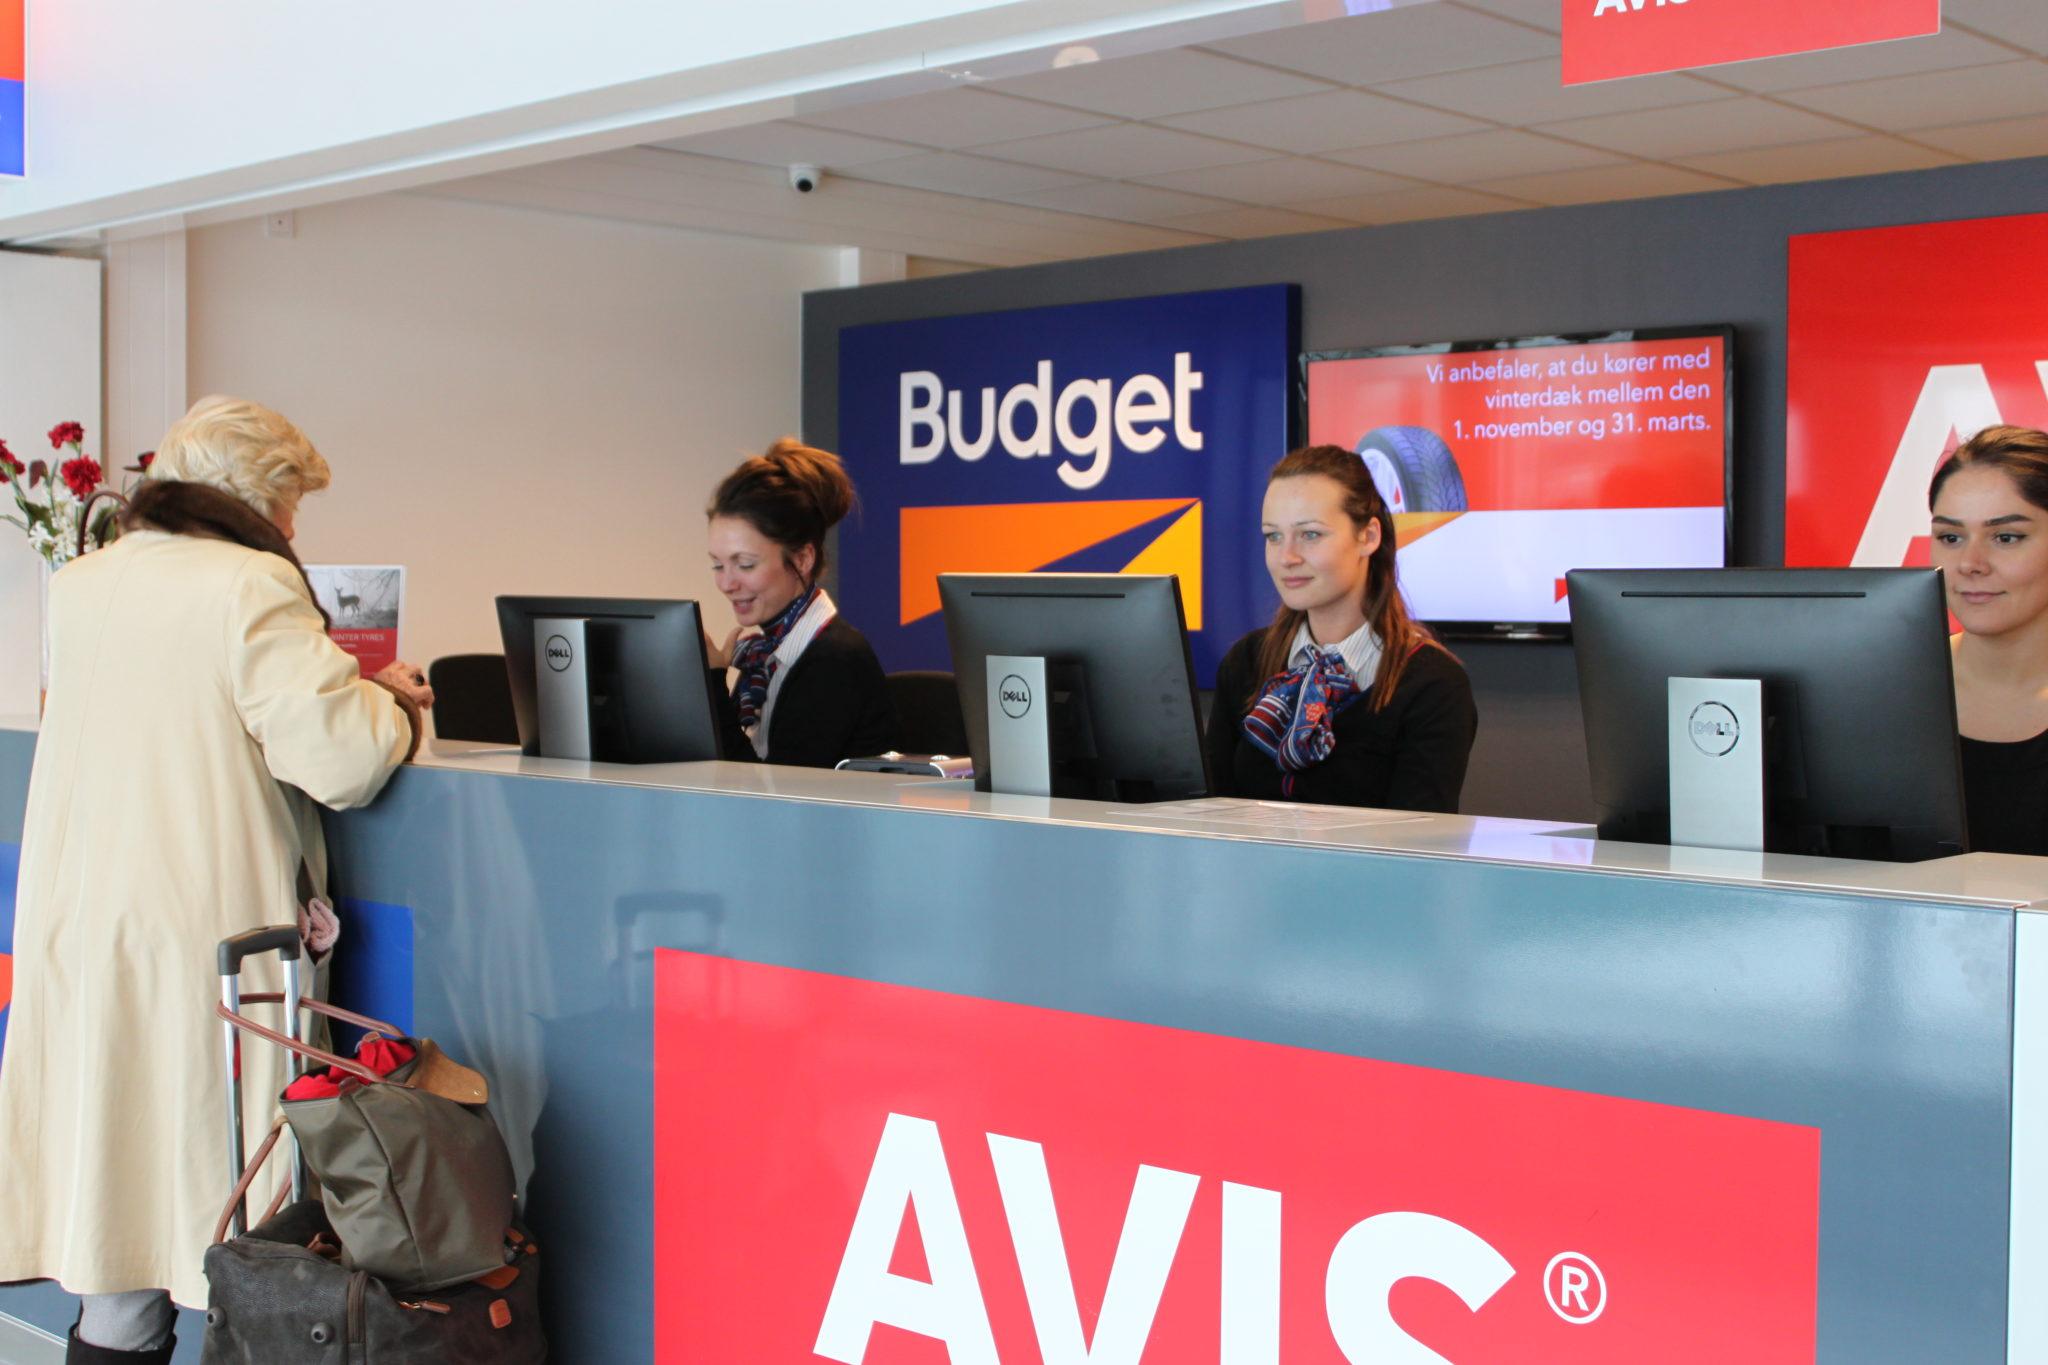 Avis Budget Biludlejning har til udgangen af april tilbud hvor der optjenes 14 gange flere eurobonus-point til SAS end normalt.